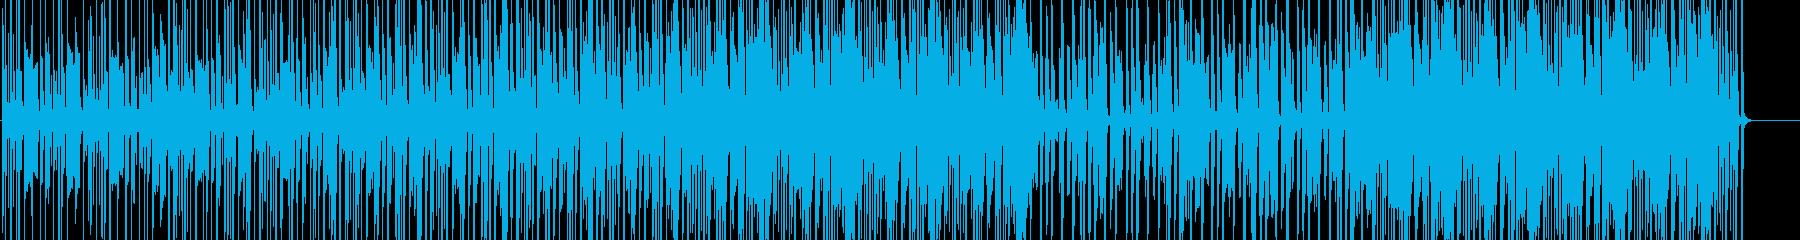 軽快なファンクの再生済みの波形